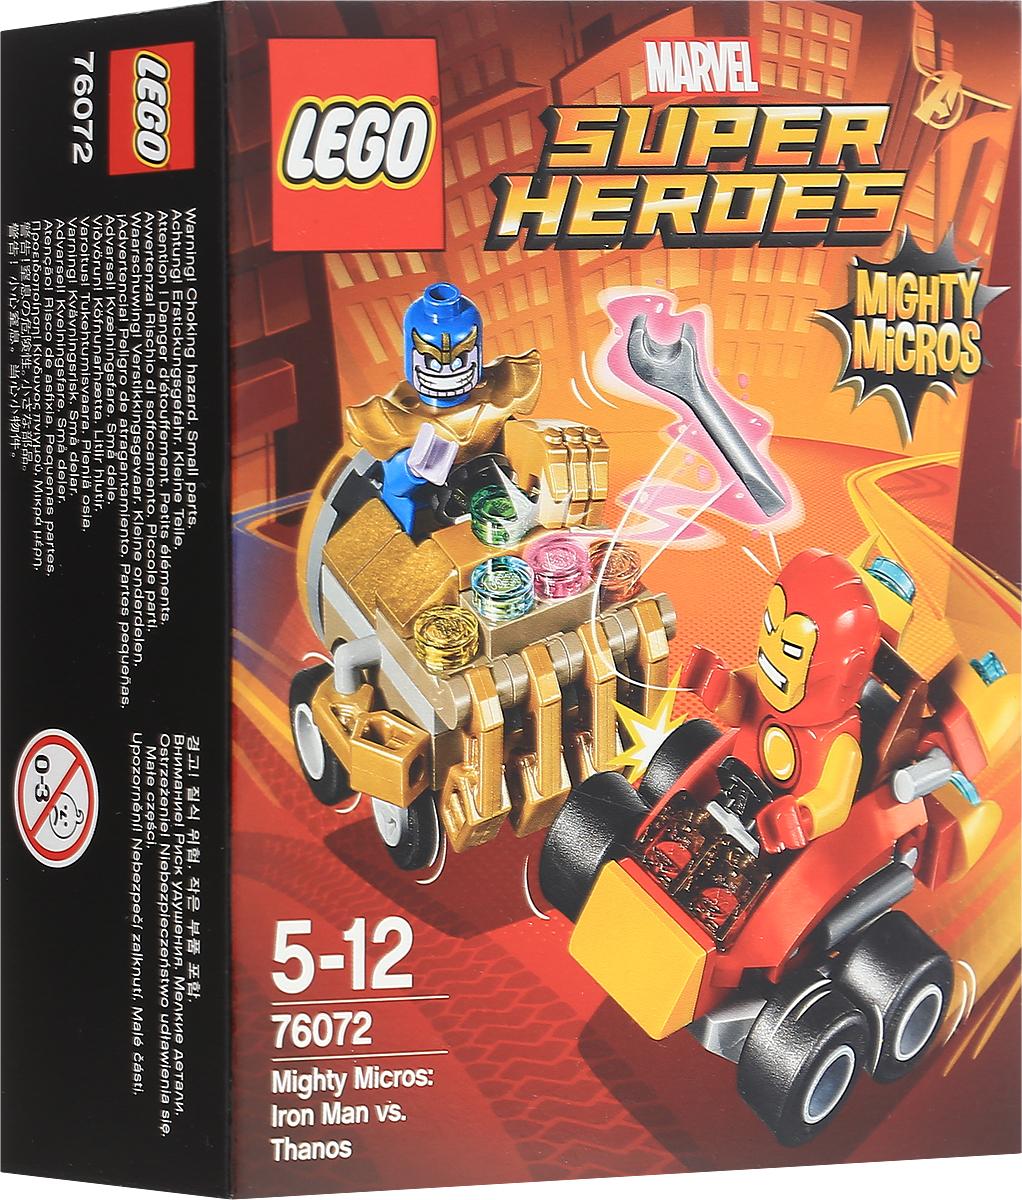 LEGO Super Heroes Конструктор Mighty Micros Железный человек против Таноса 7607276072Направьте суперскоростной автомобиль Железного человека с ракетным двигателем в сторону Таноса и разорвите его машину на две части клешней-тисками! Сразите Таноса прежде, чем он успеет воспользоваться суперсилой своей Перчатки неуязвимости и станет победителем в этом поединке. Набор включает в себя 94 разноцветных пластиковых элемента. Конструктор - это один из самых увлекательных и веселых способов времяпрепровождения. Ребенок сможет часами играть с конструктором, придумывая различные ситуации и истории.